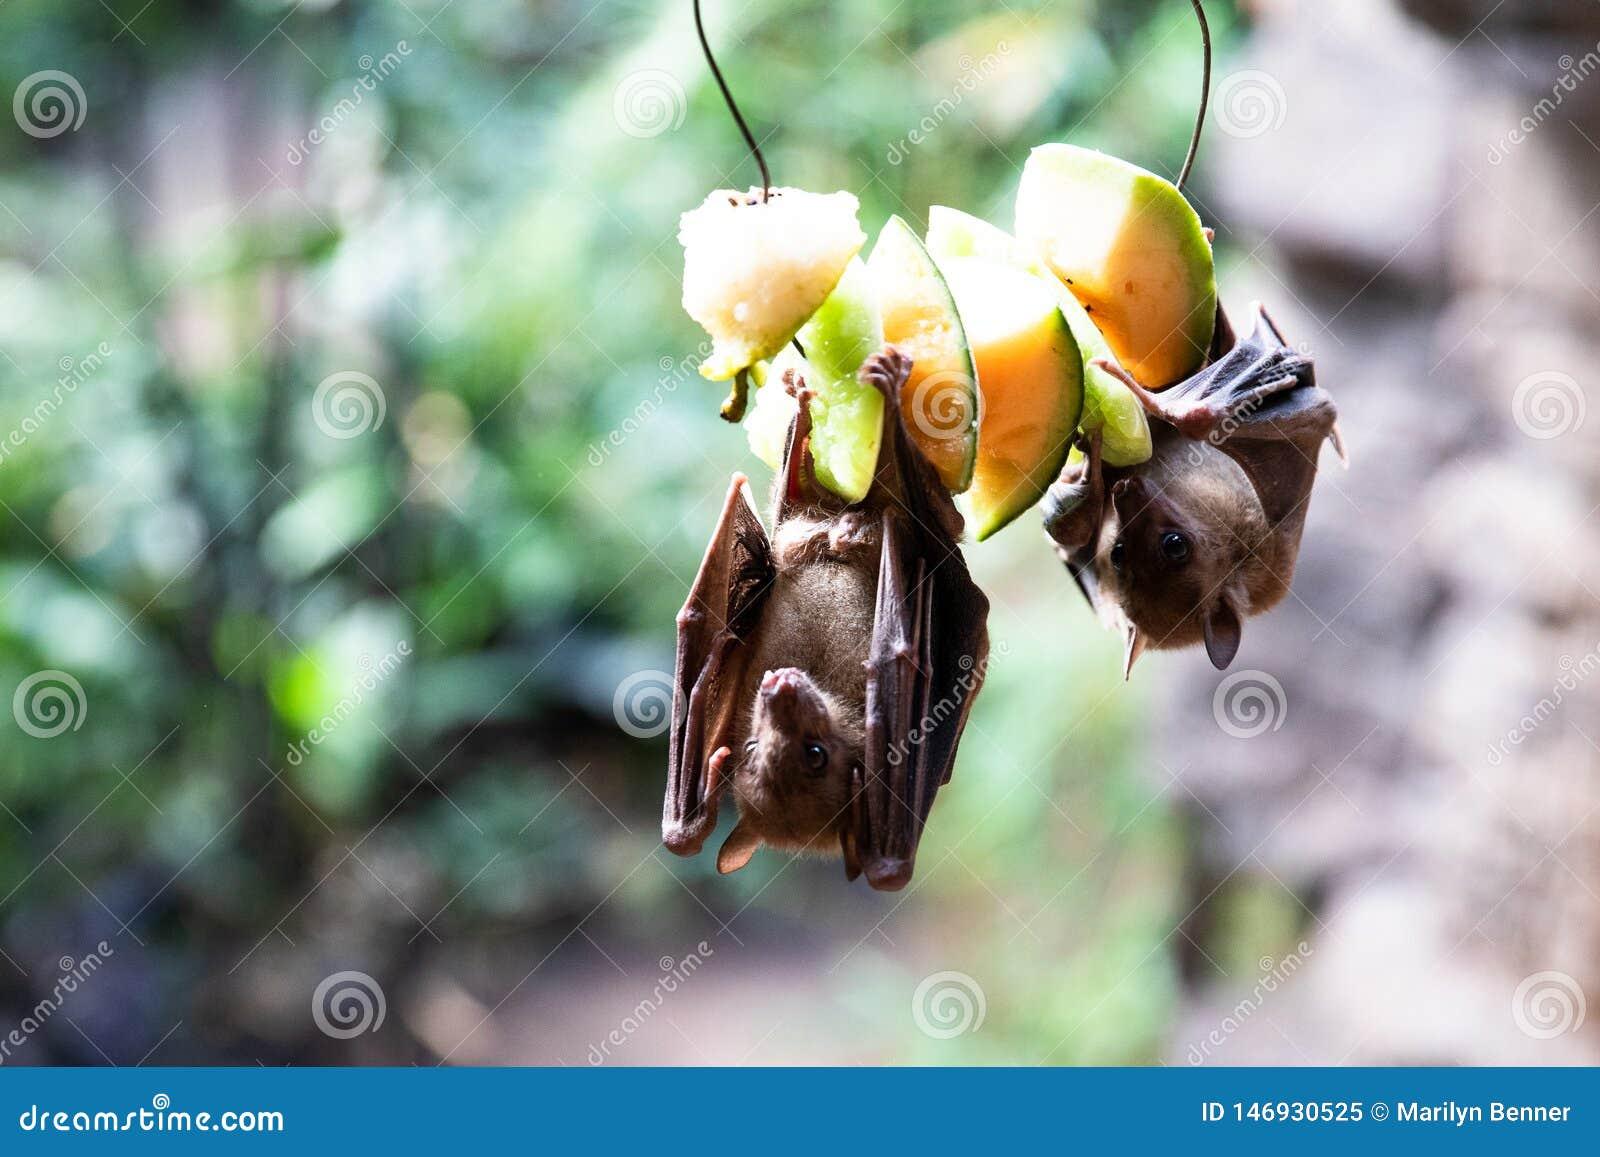 Chauves-souris de fruit mangeant sur le fruit au zoo